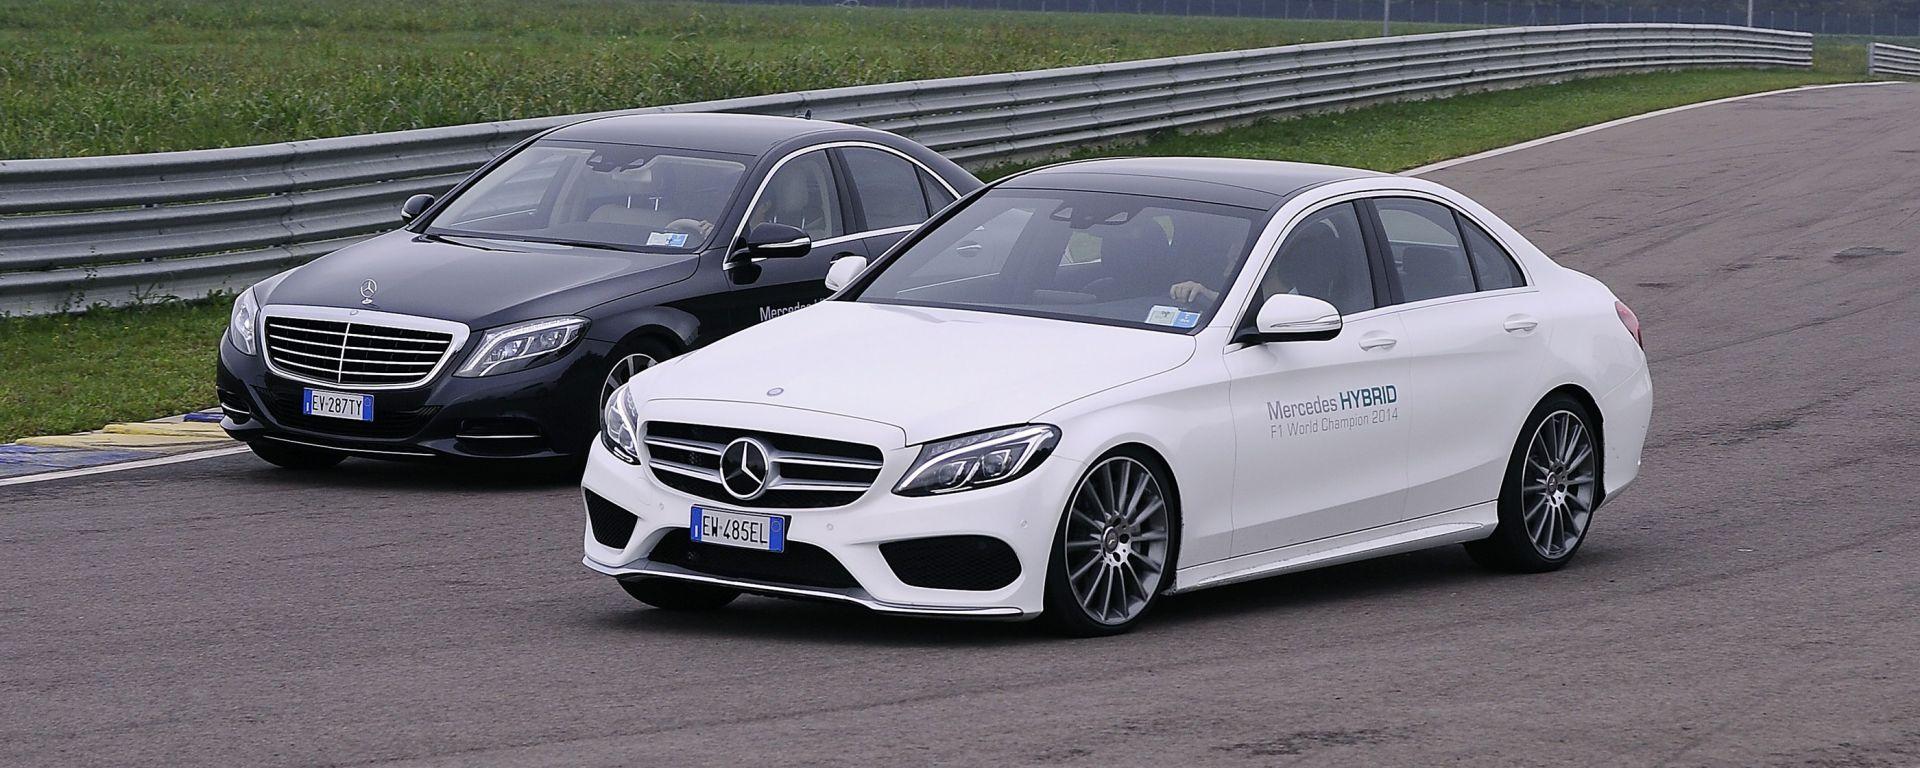 Mercedes: ibride alla (ri)scossa